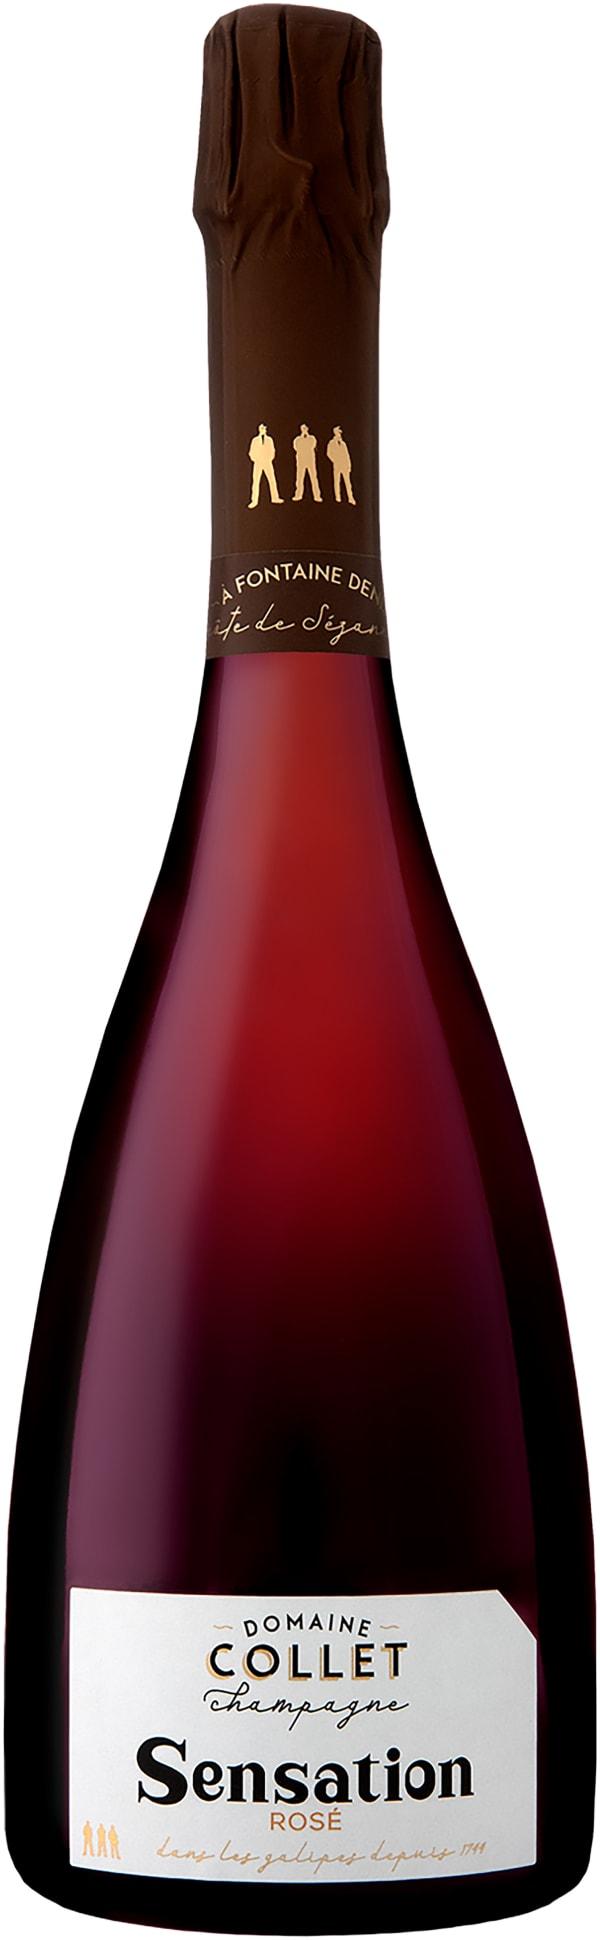 Rene Collet Anthime Sensation Champagne Rose Extra Brut 2015